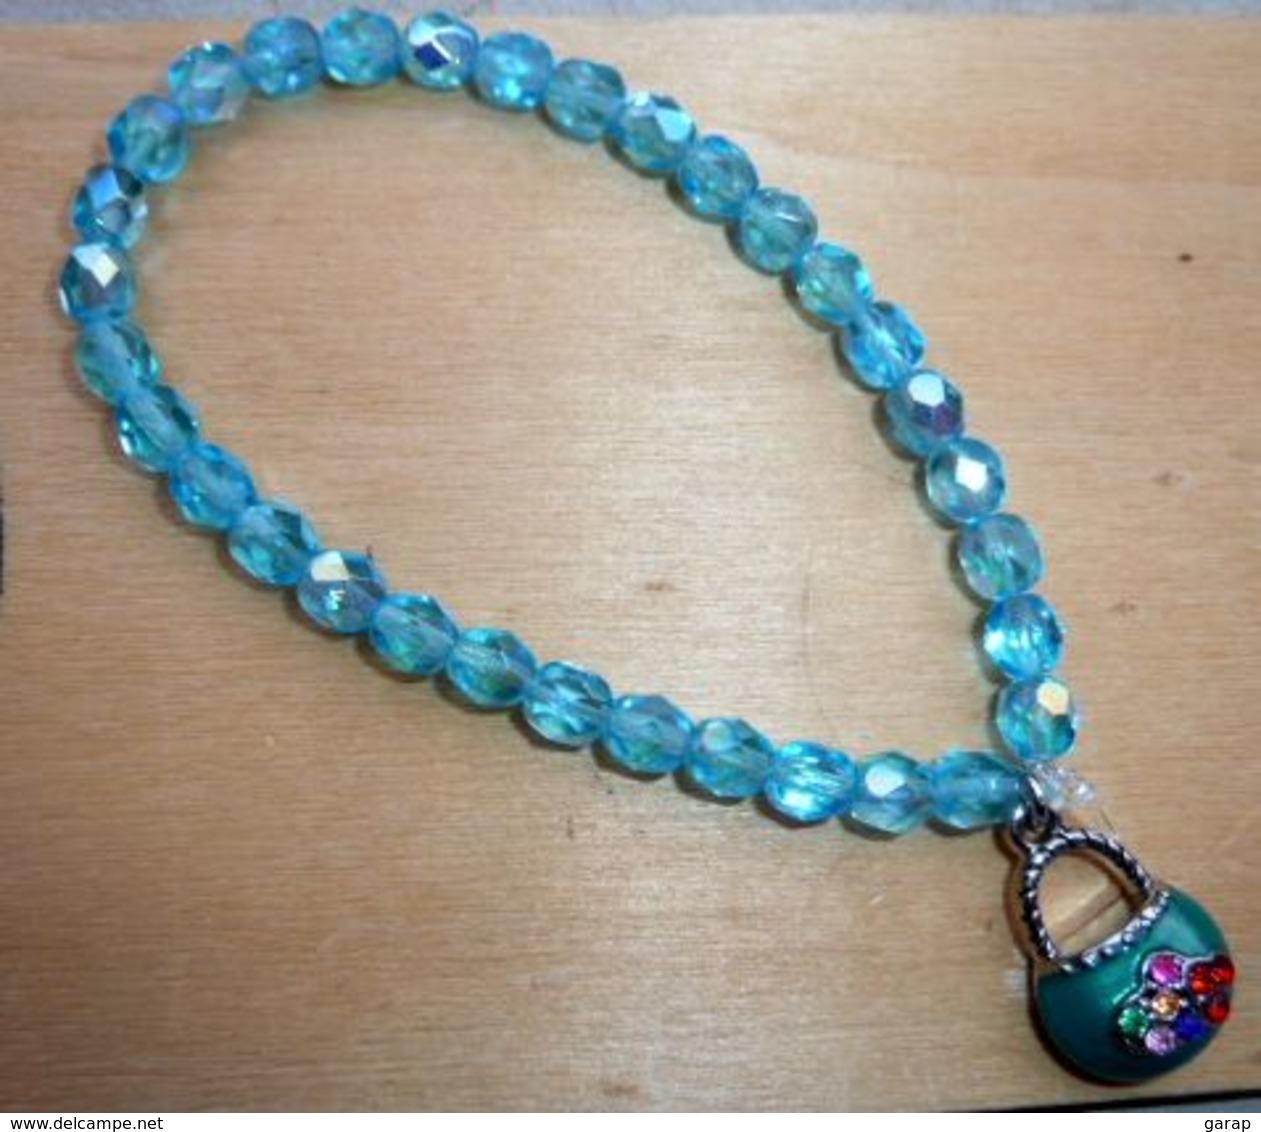 Bra-043 Lot De 2 Bracelets Fantaisies Extensibles Avec Leur Breloque - Bijoux & Horlogerie